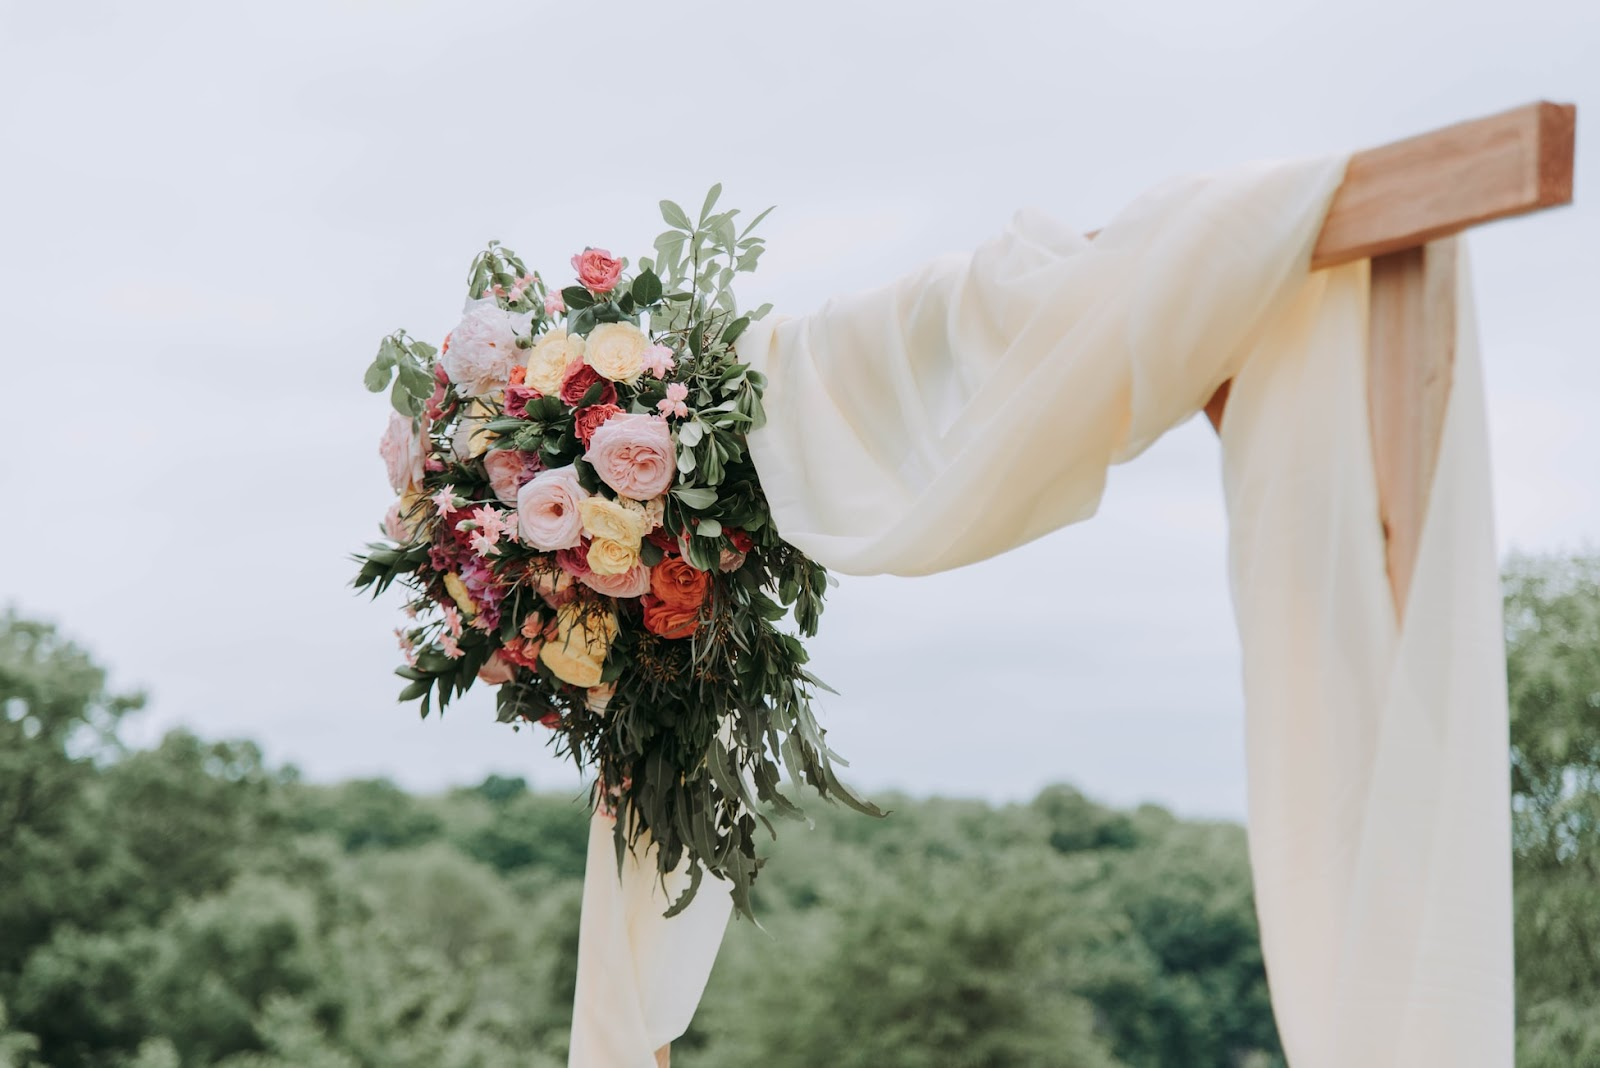 Wedding Flowers: Ceremony